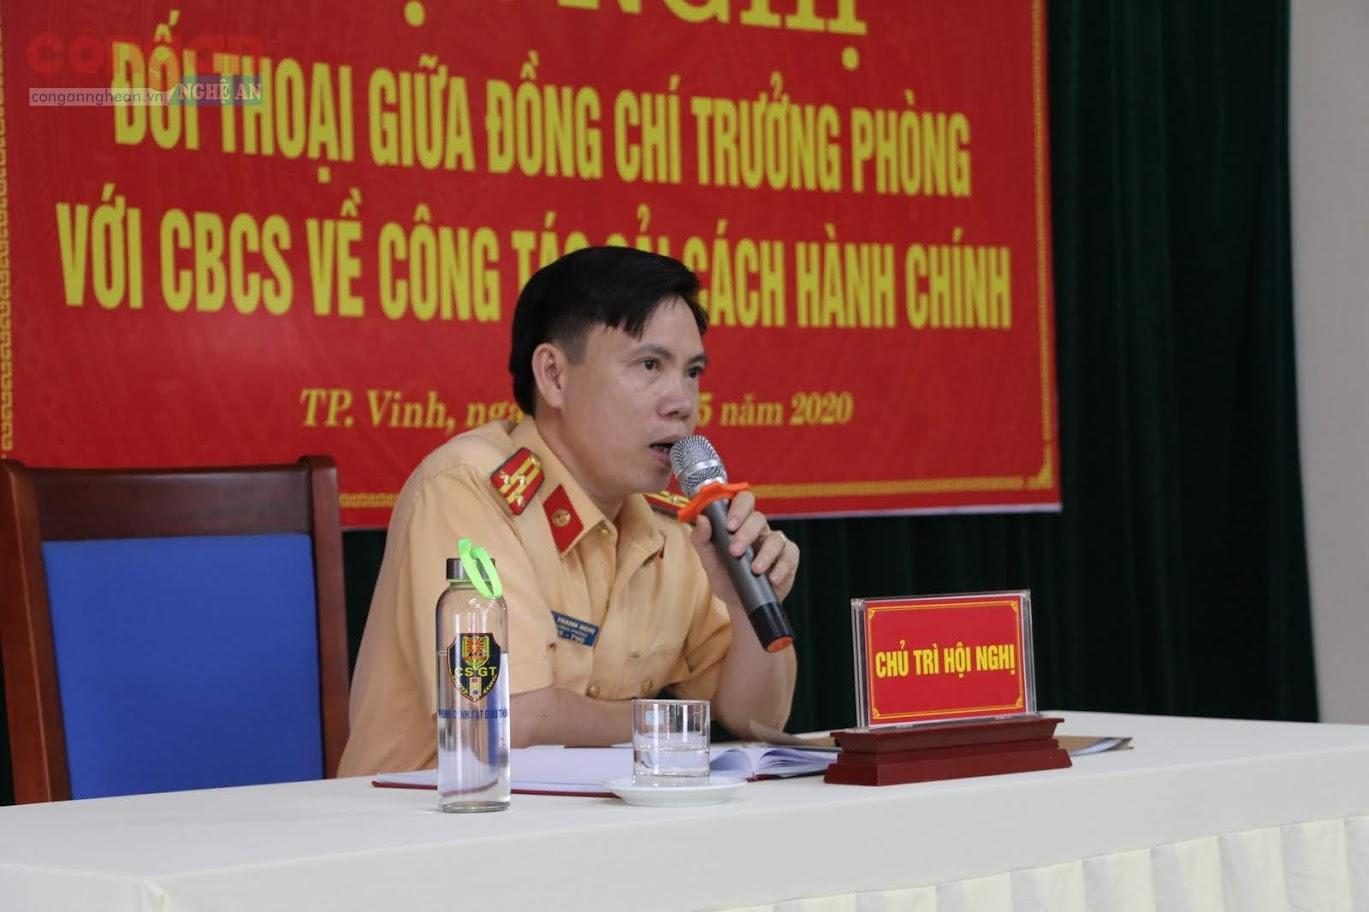 Thượng tá Lê Thanh Nghị, Trưởng Phòng CSGT, trả lời các ý kiến, kiến nghị, thắc mắc của CBCS trong quá trình làm nhiệm vụ nhằm mục đích thực hiện tốt hơn công tác cải cách hành chính vì nhân dân phục vụ.